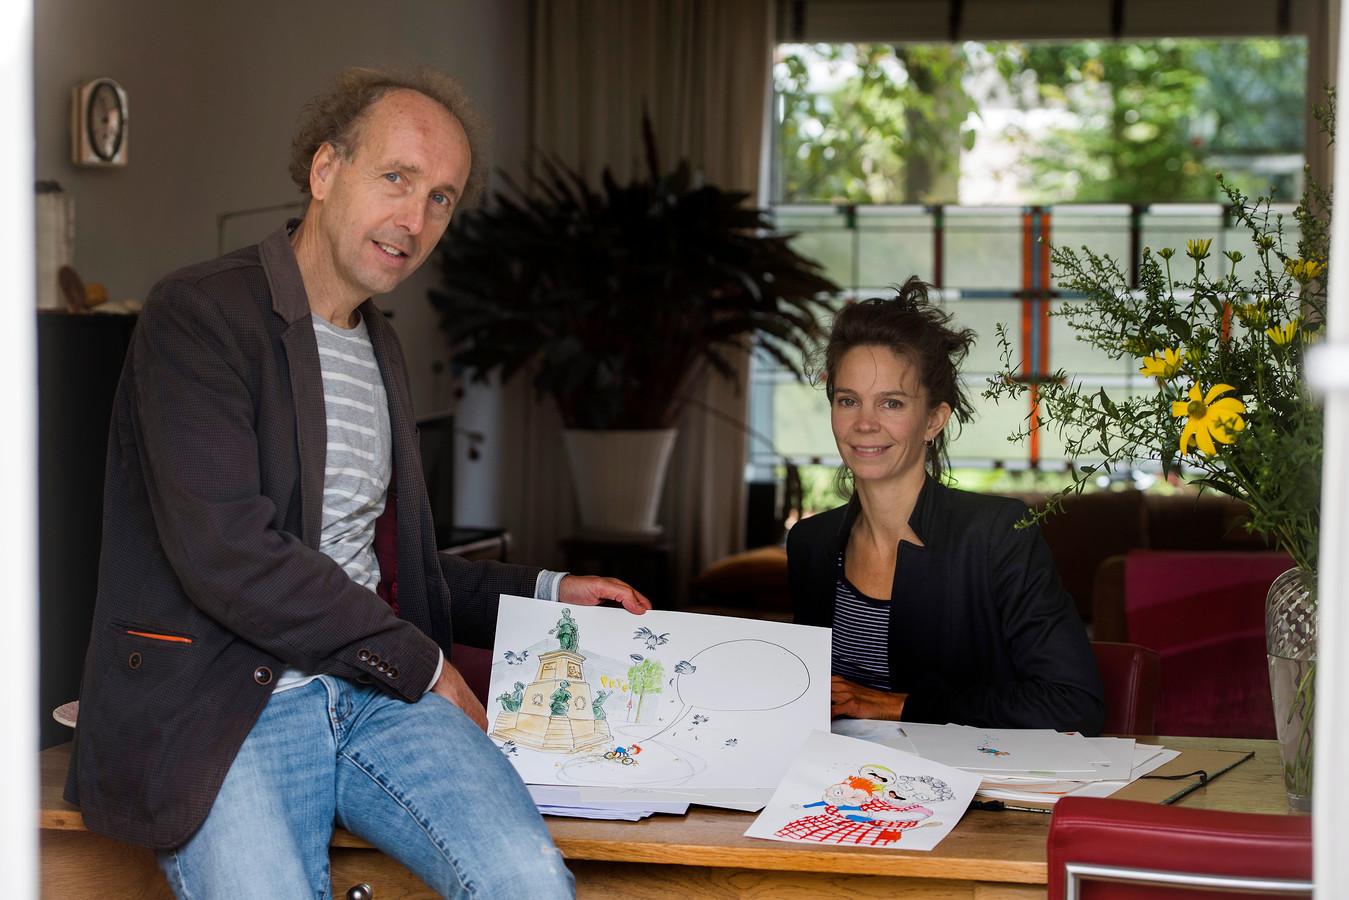 Schrijver Erik van Os en illustrator  Marieke Coenen